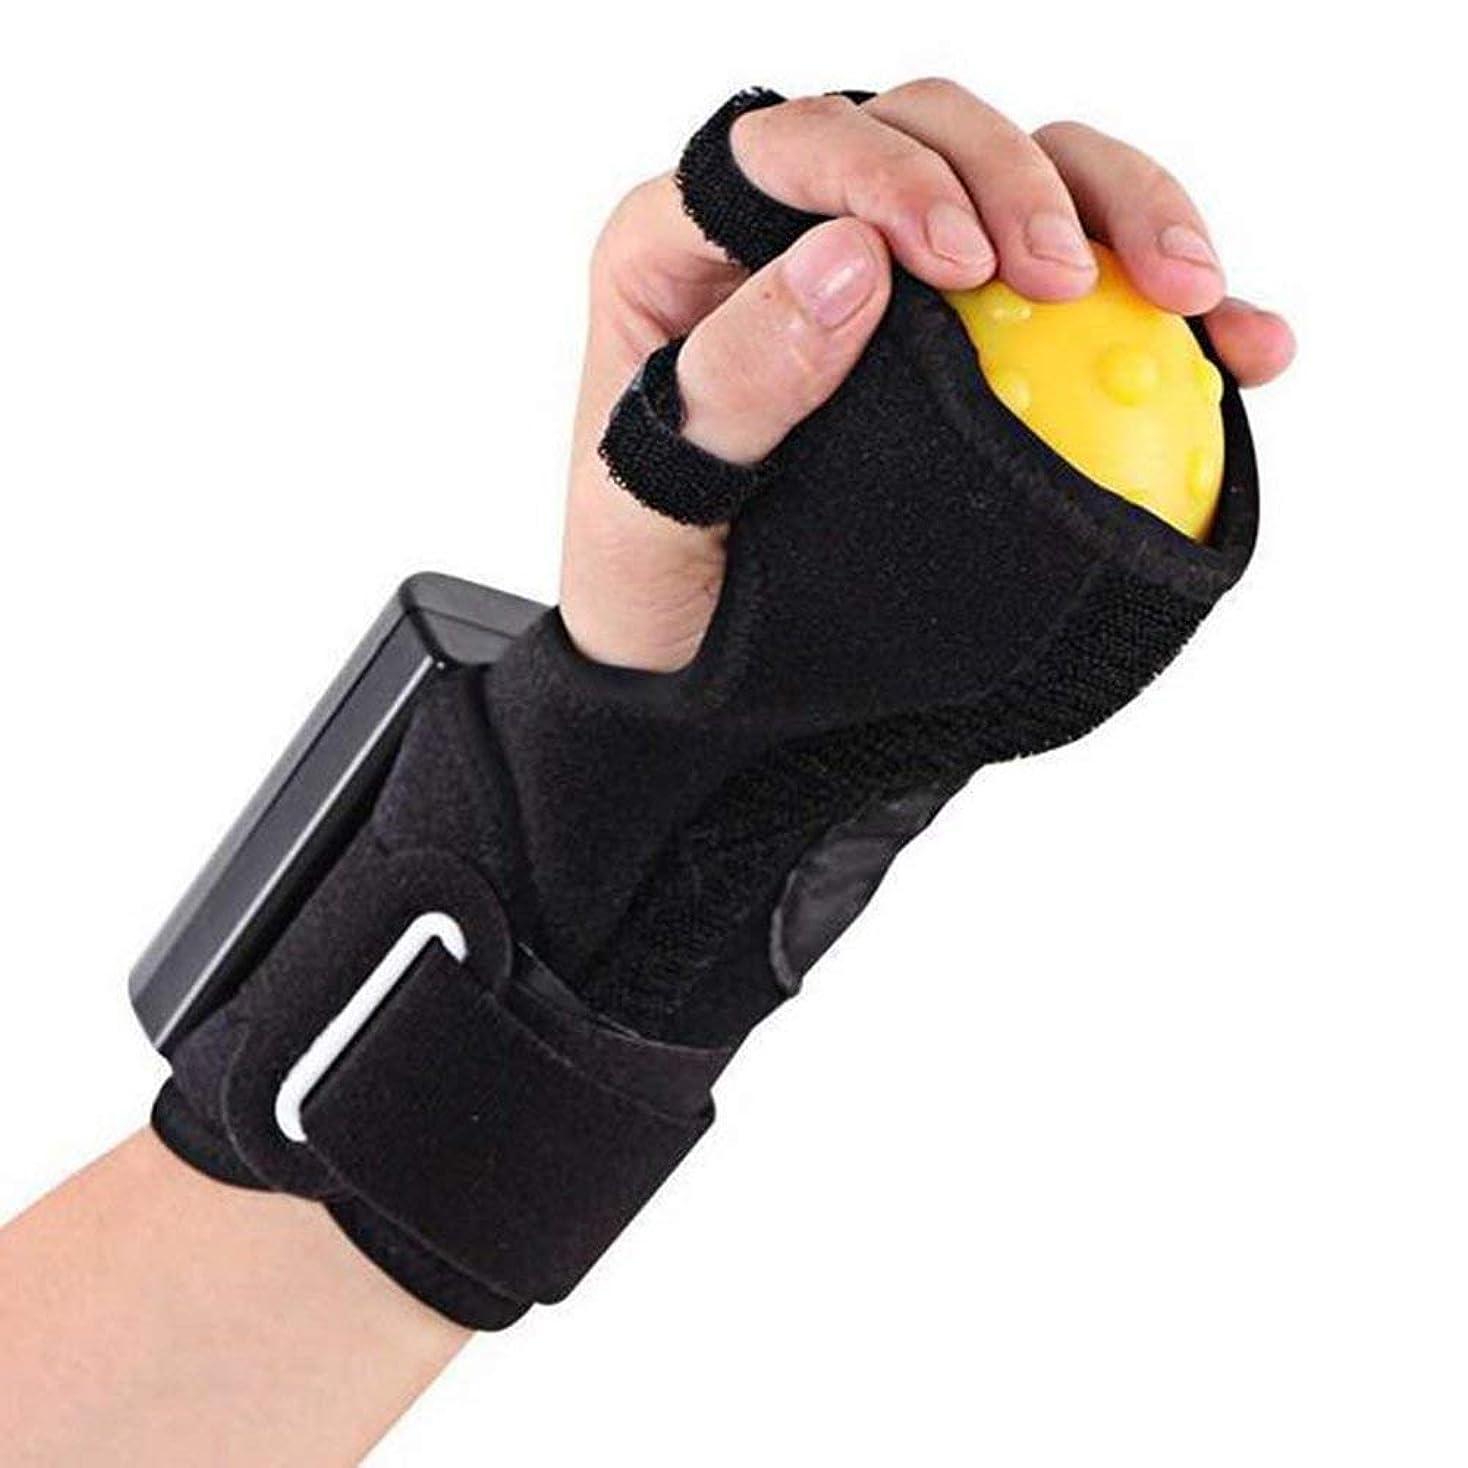 影信号抑制する電動ハンドマッサージボールホットコンプレッサーと抗痙攣ボール有料指圧装置スプリント片麻痺の指回復マッサージ療法